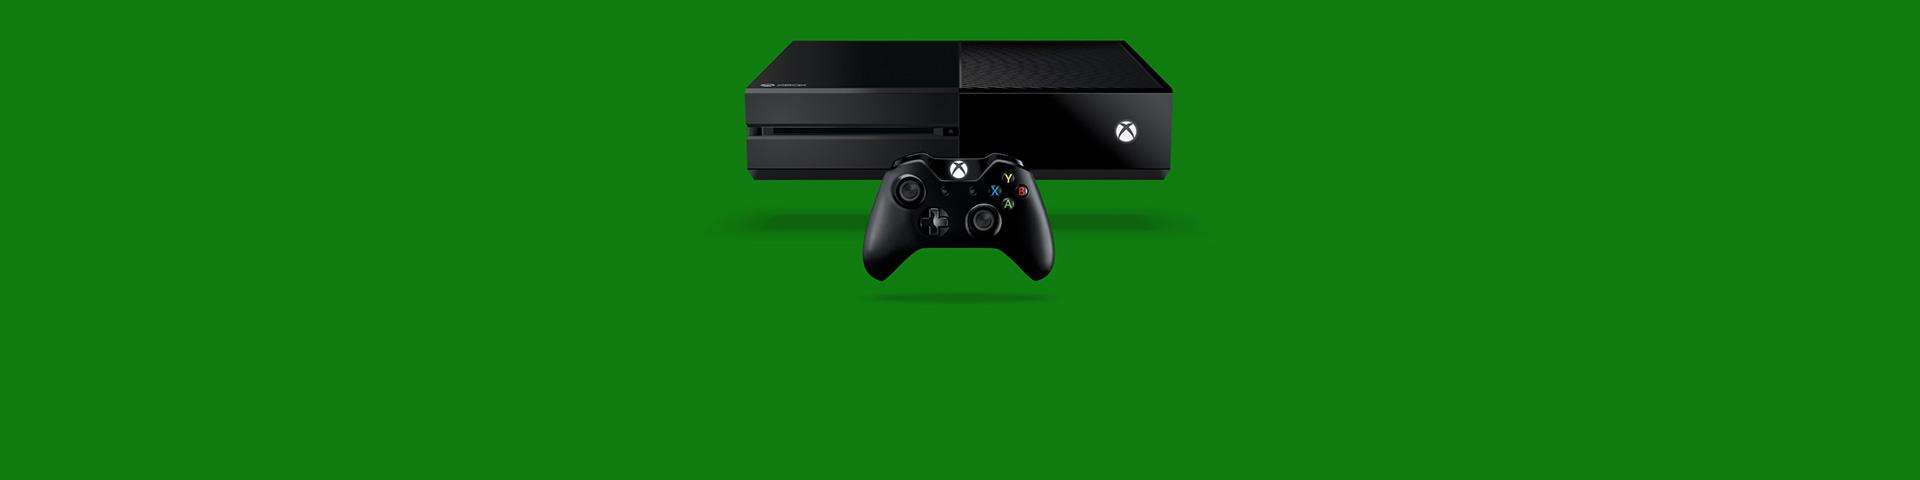 Eine Xbox One Konsole mit Controller